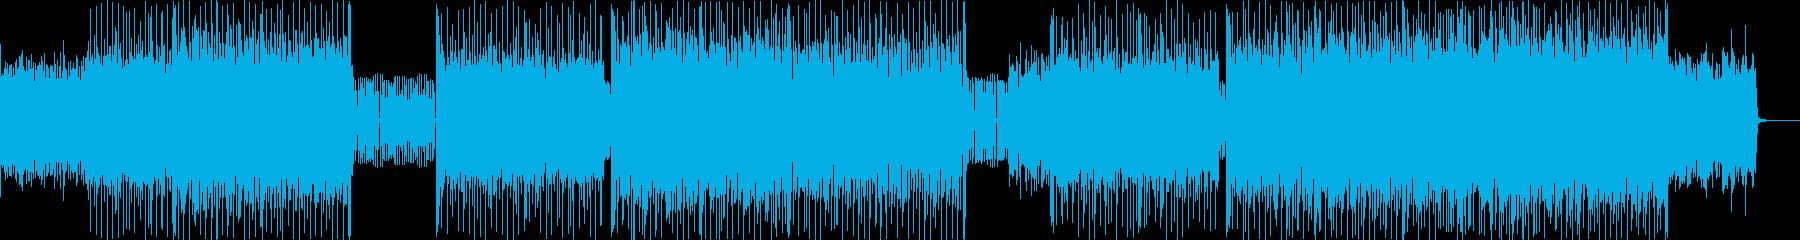 ピアノハッピーハードコアの再生済みの波形